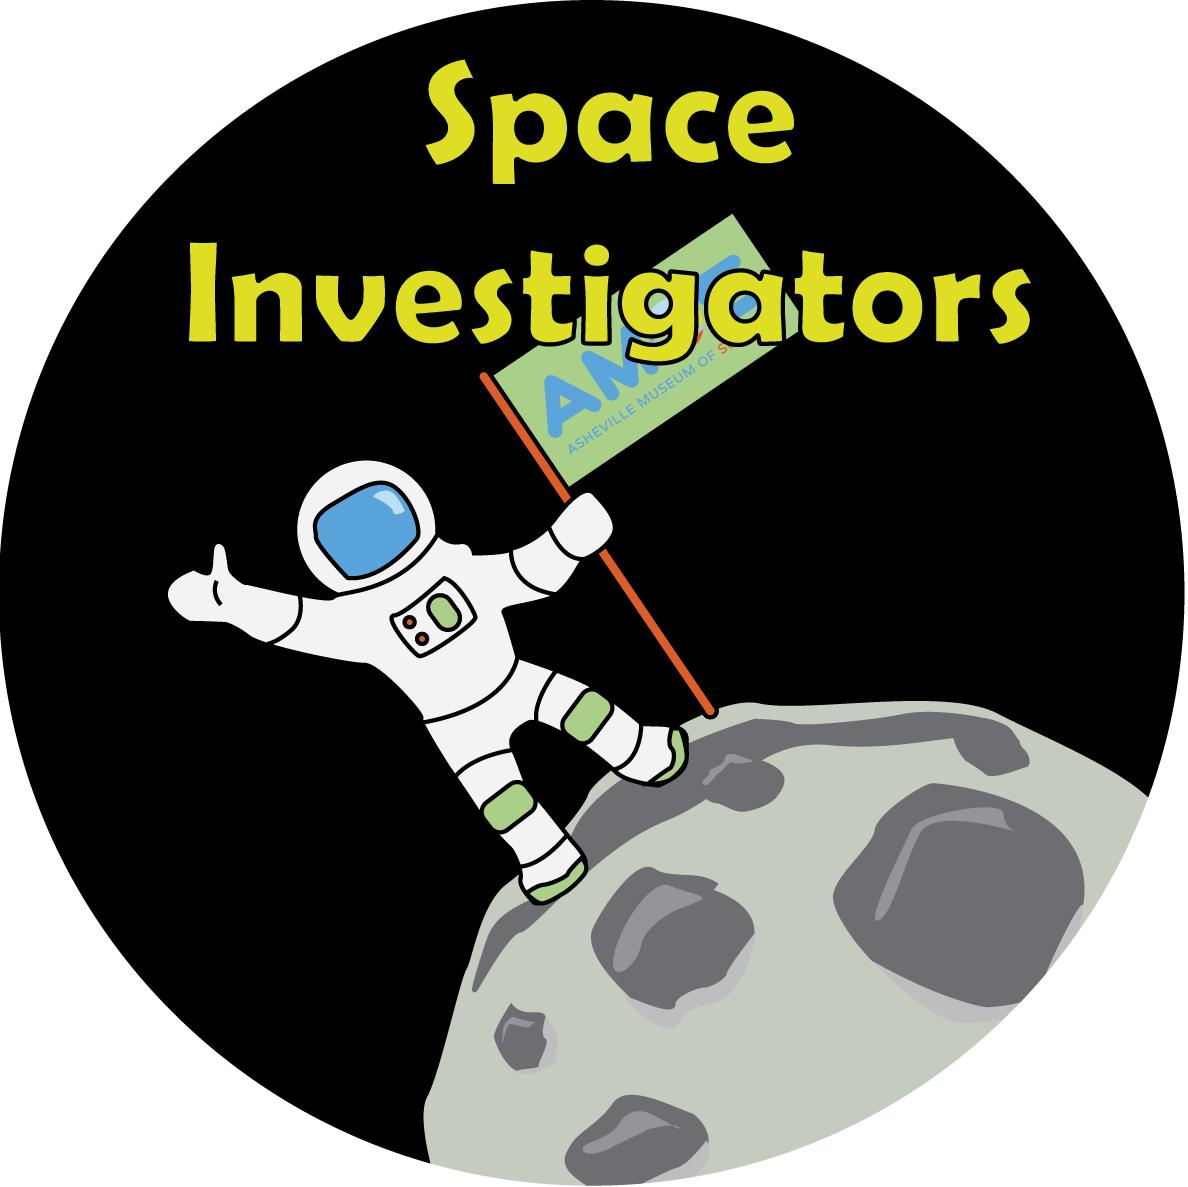 Astronomy clipart planetarium. Space investigators summer camp